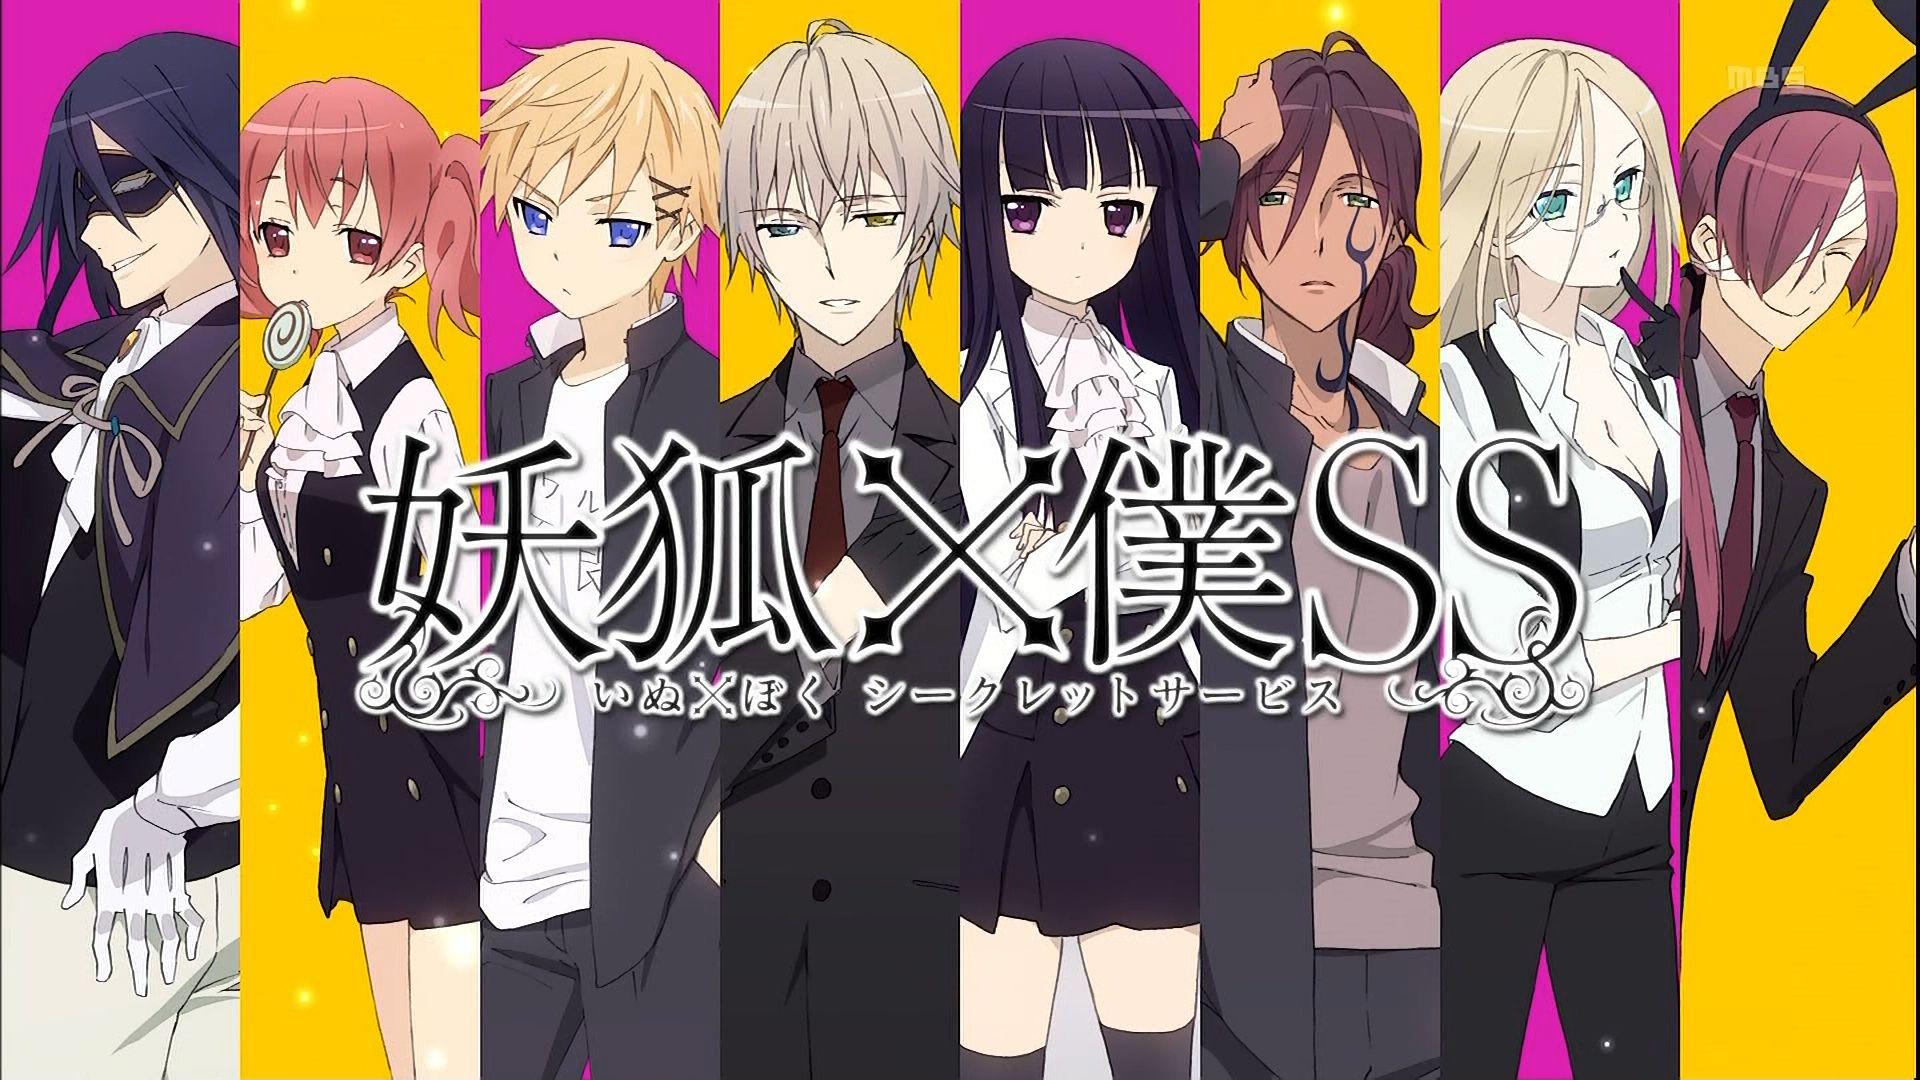 妖狐×僕SS(いぬぼくシークレットサービス)